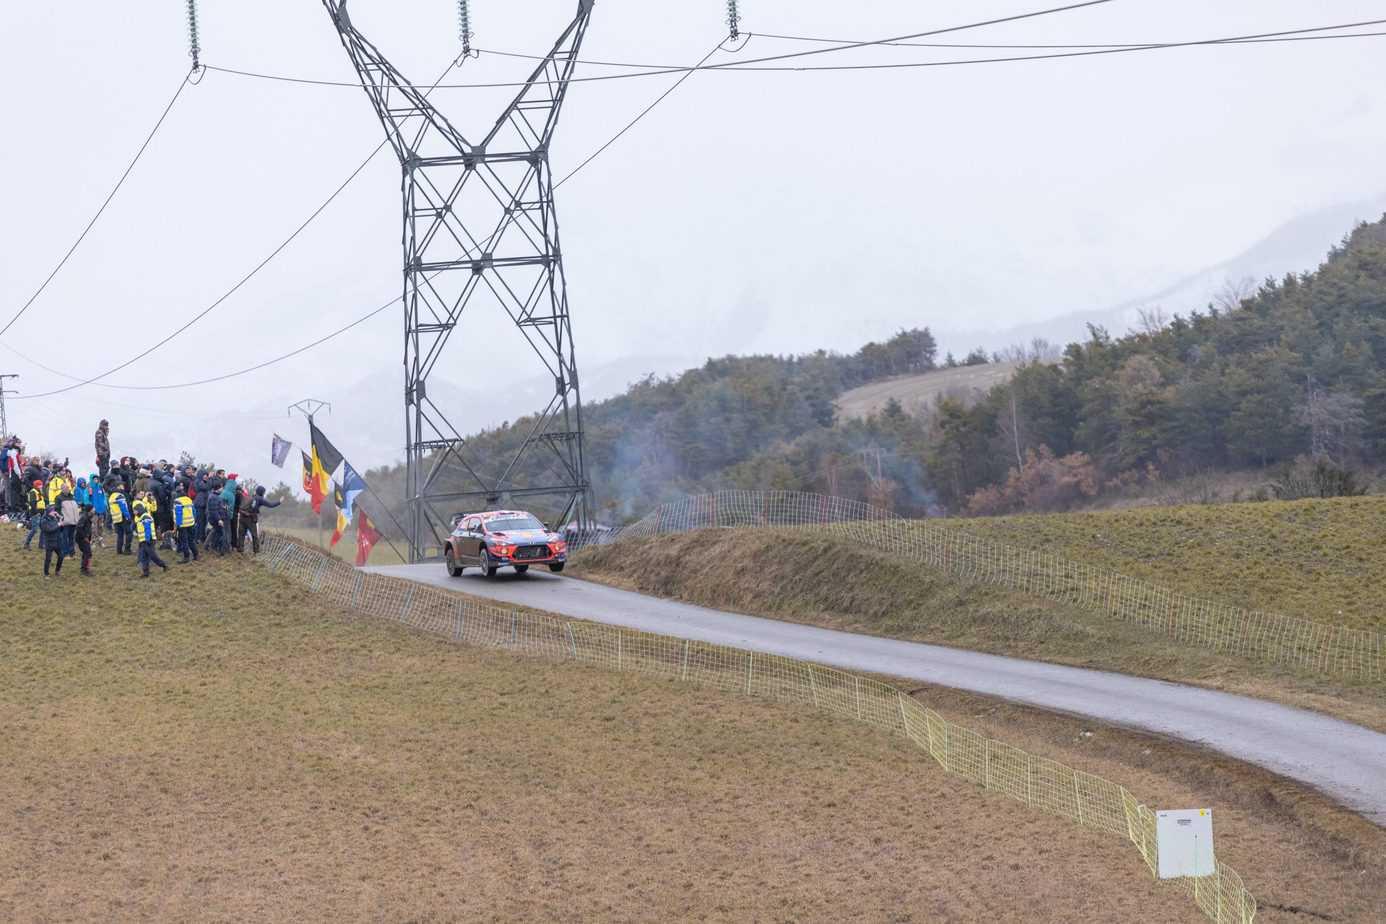 Zaczęto testy elektrycznego samochodu klasy WRC